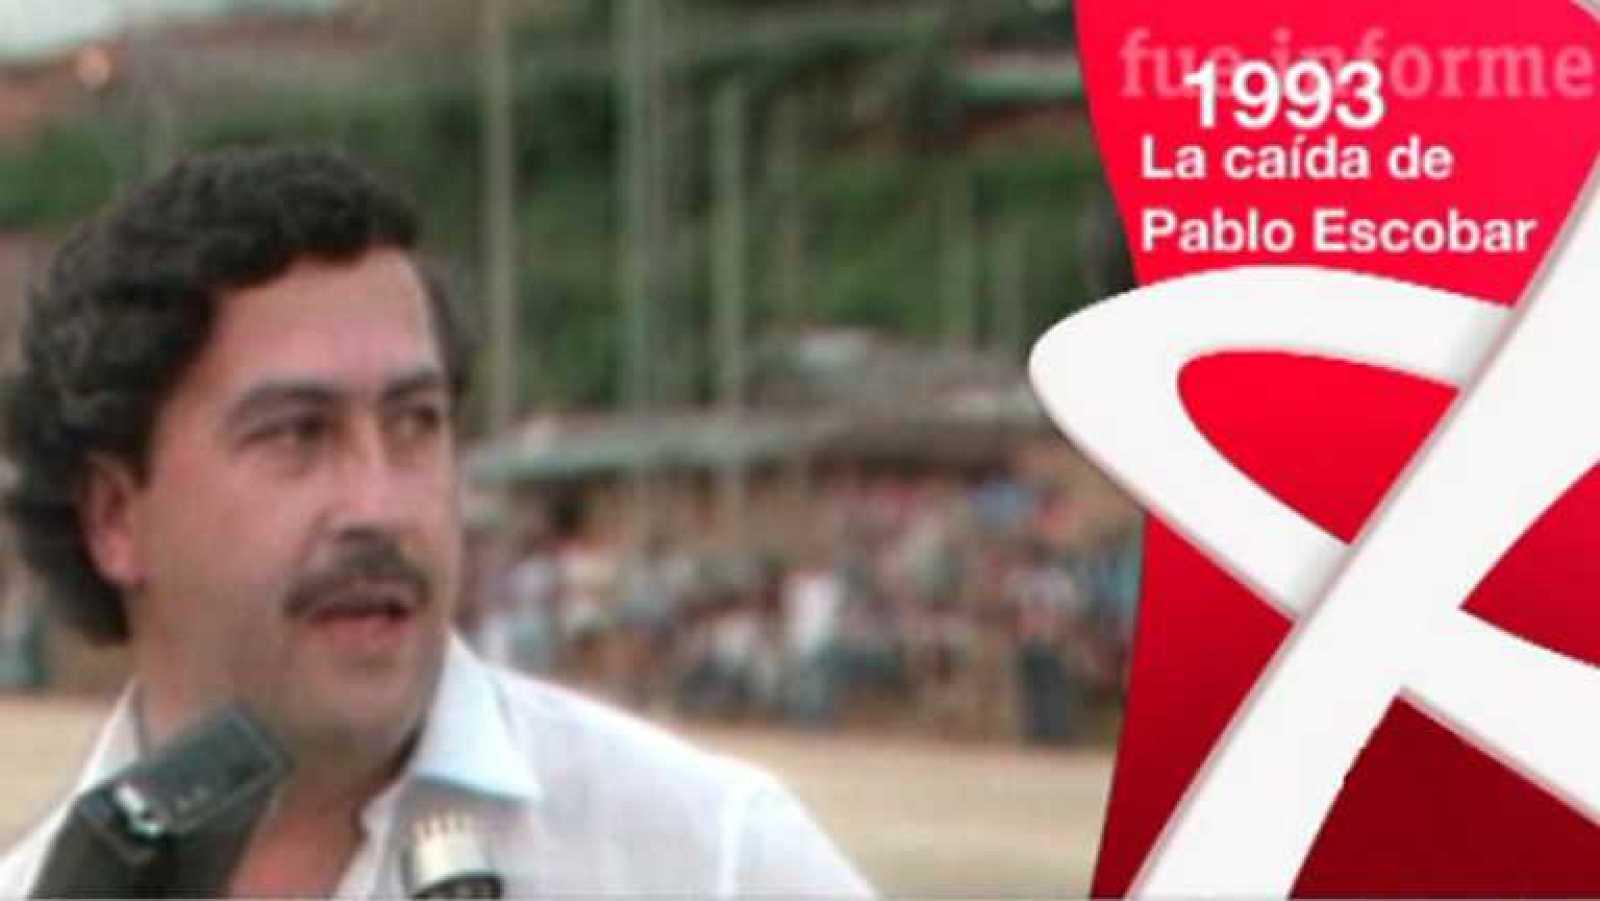 Fue Informe - La caída de Pablo Escobar (1993)